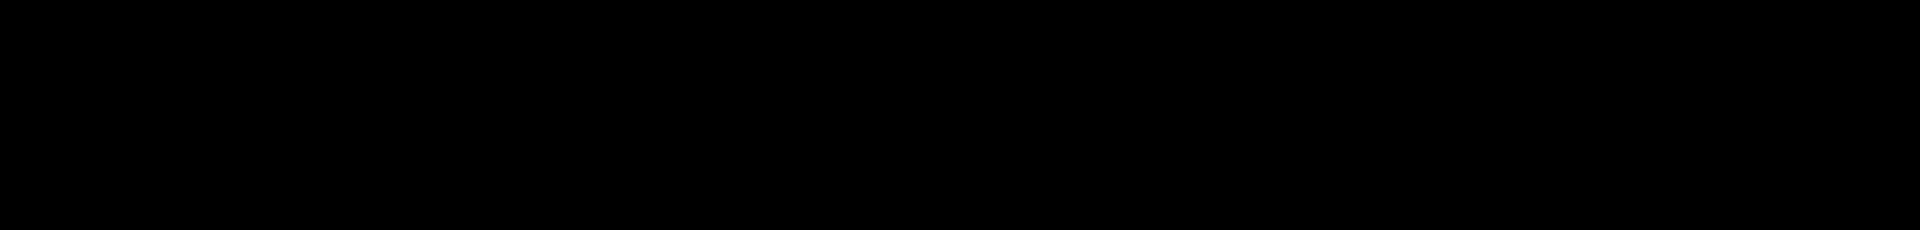 Logo da Rent the Runway